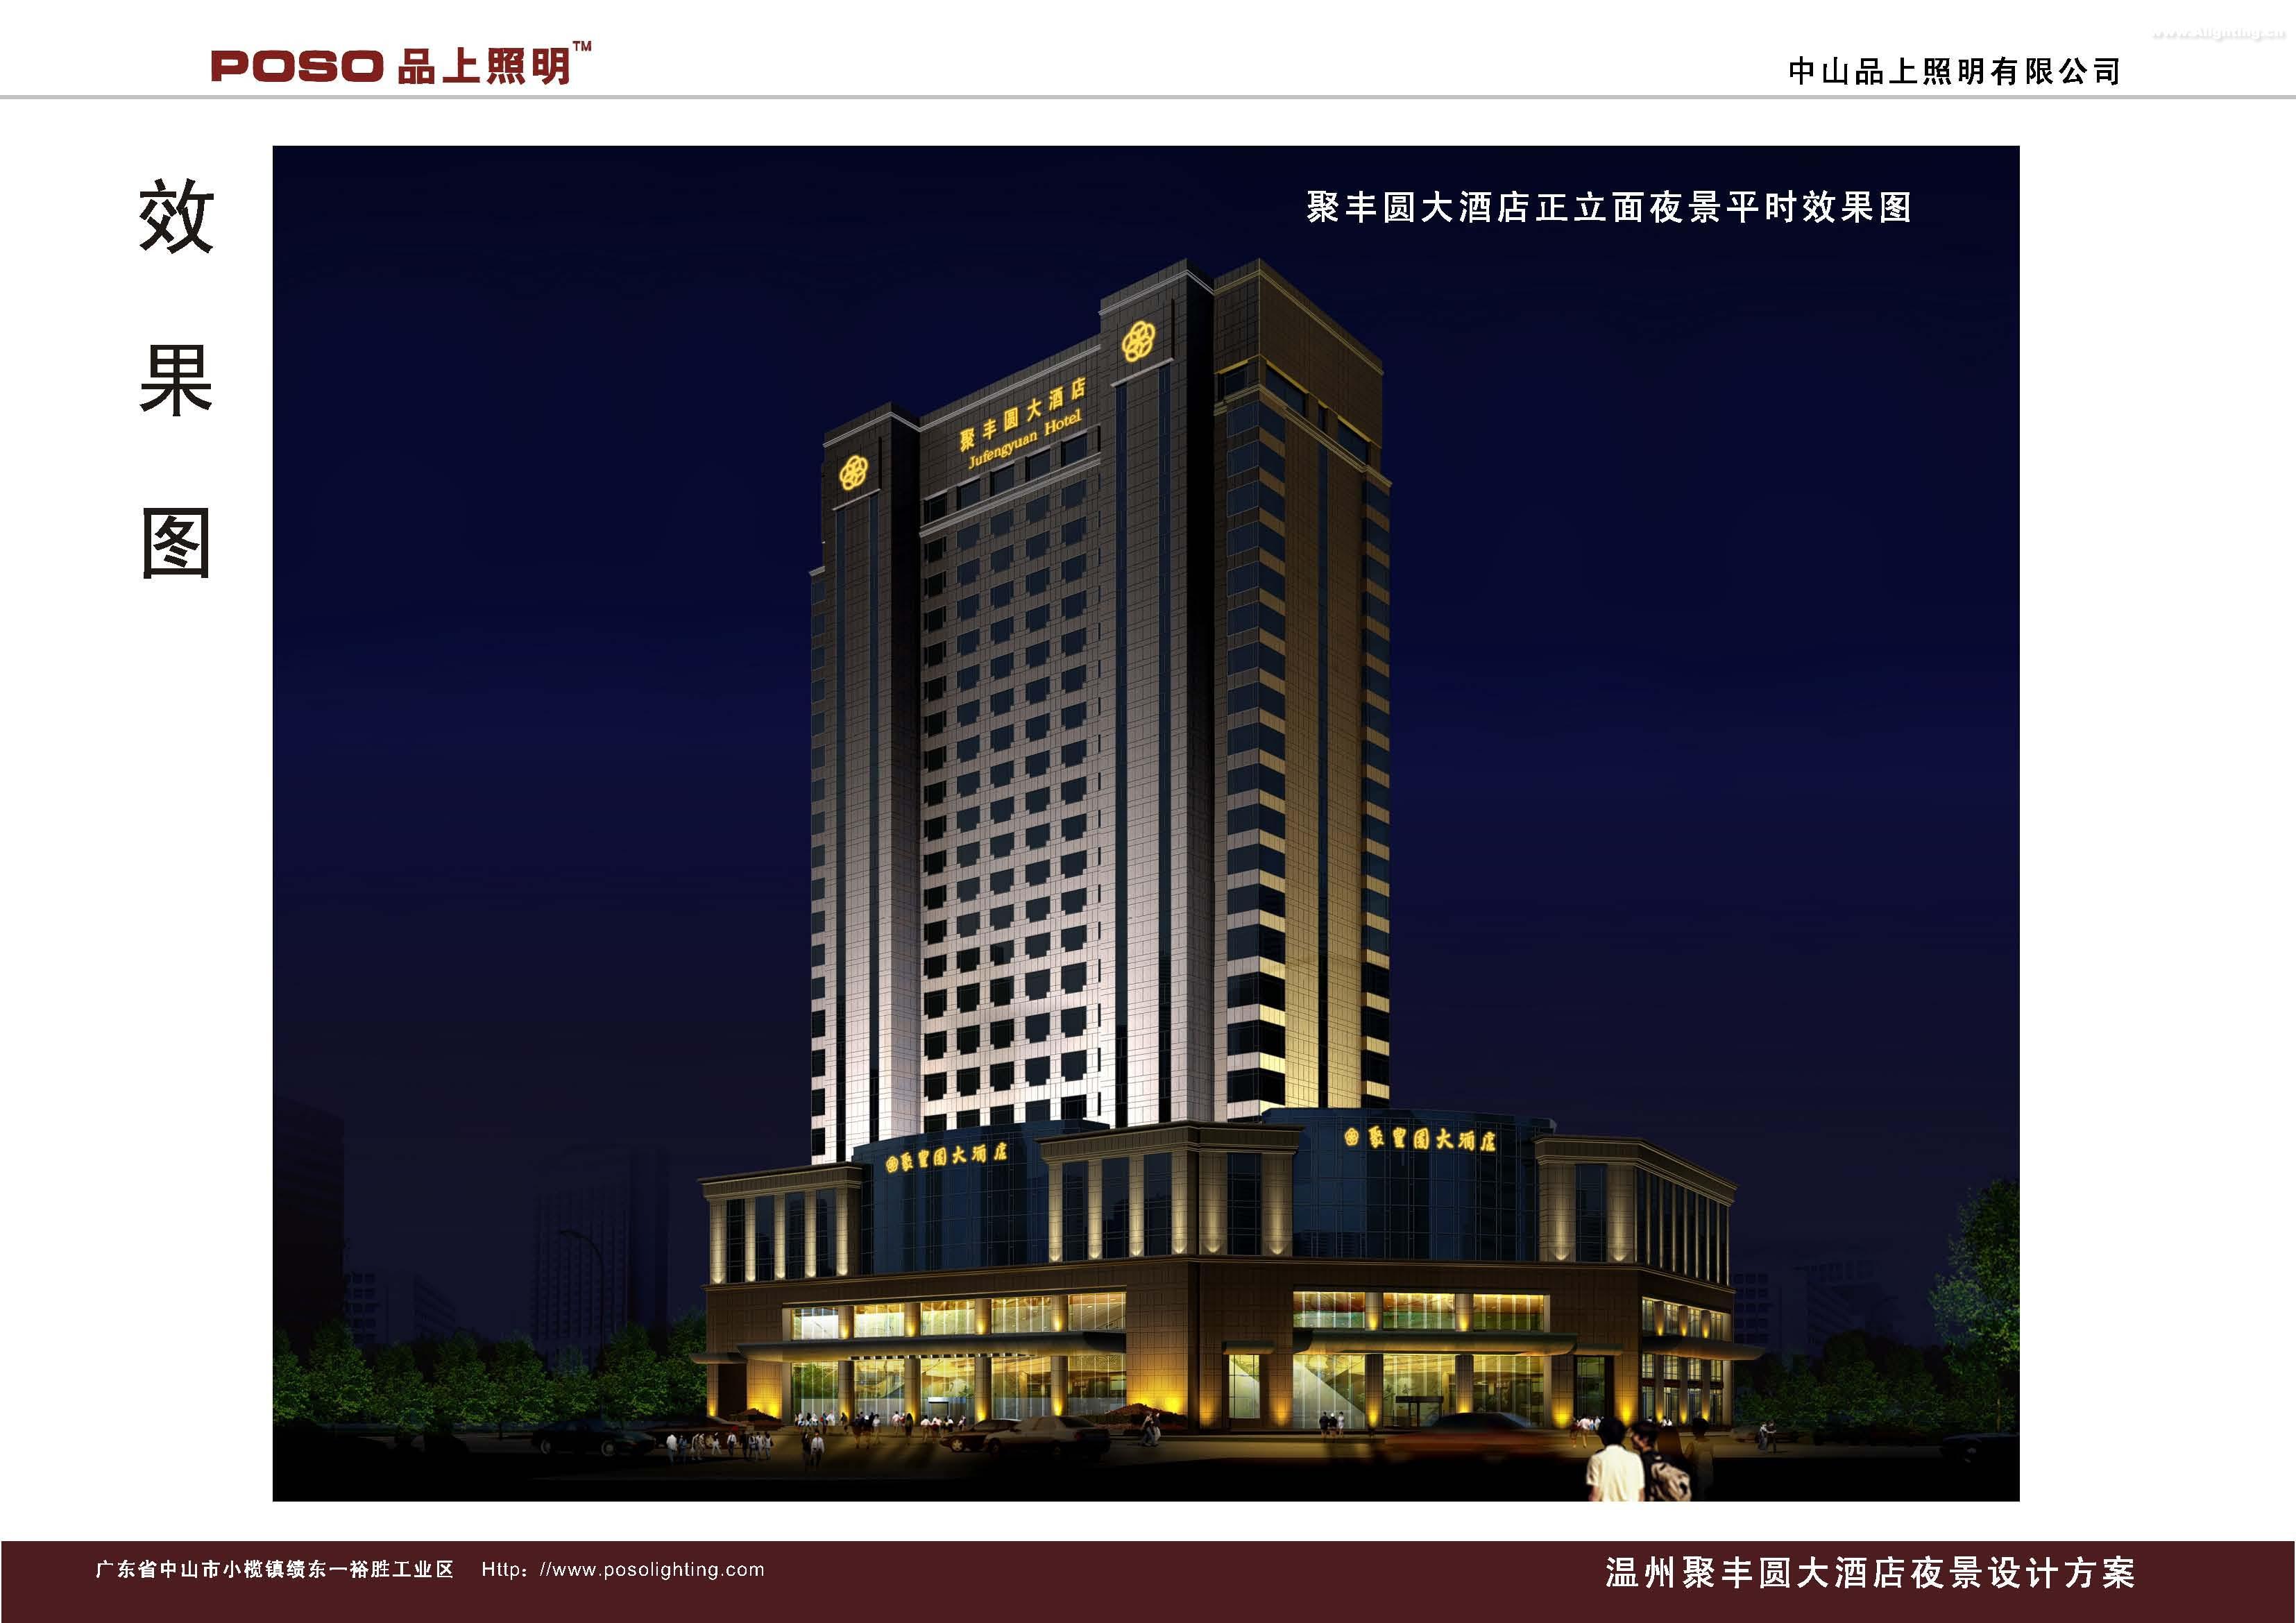 [原创]乐清市聚丰圆大酒店夜景照明设计方案-汪永柱